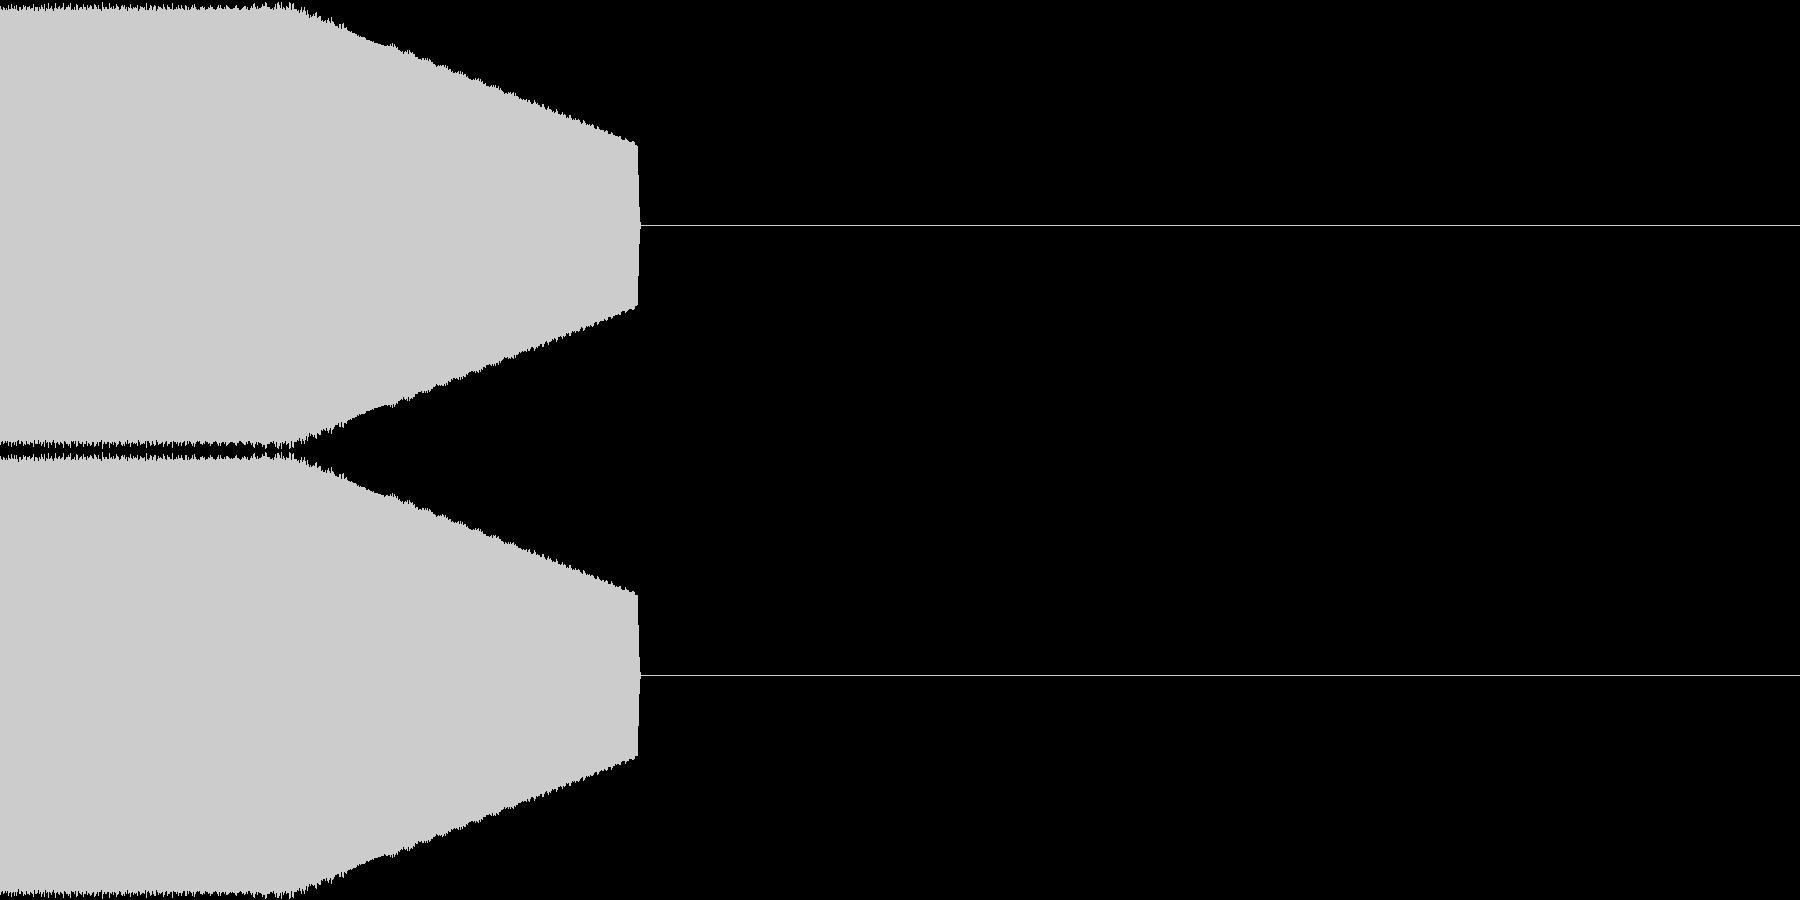 決定音・選択音・入手音【2】の未再生の波形